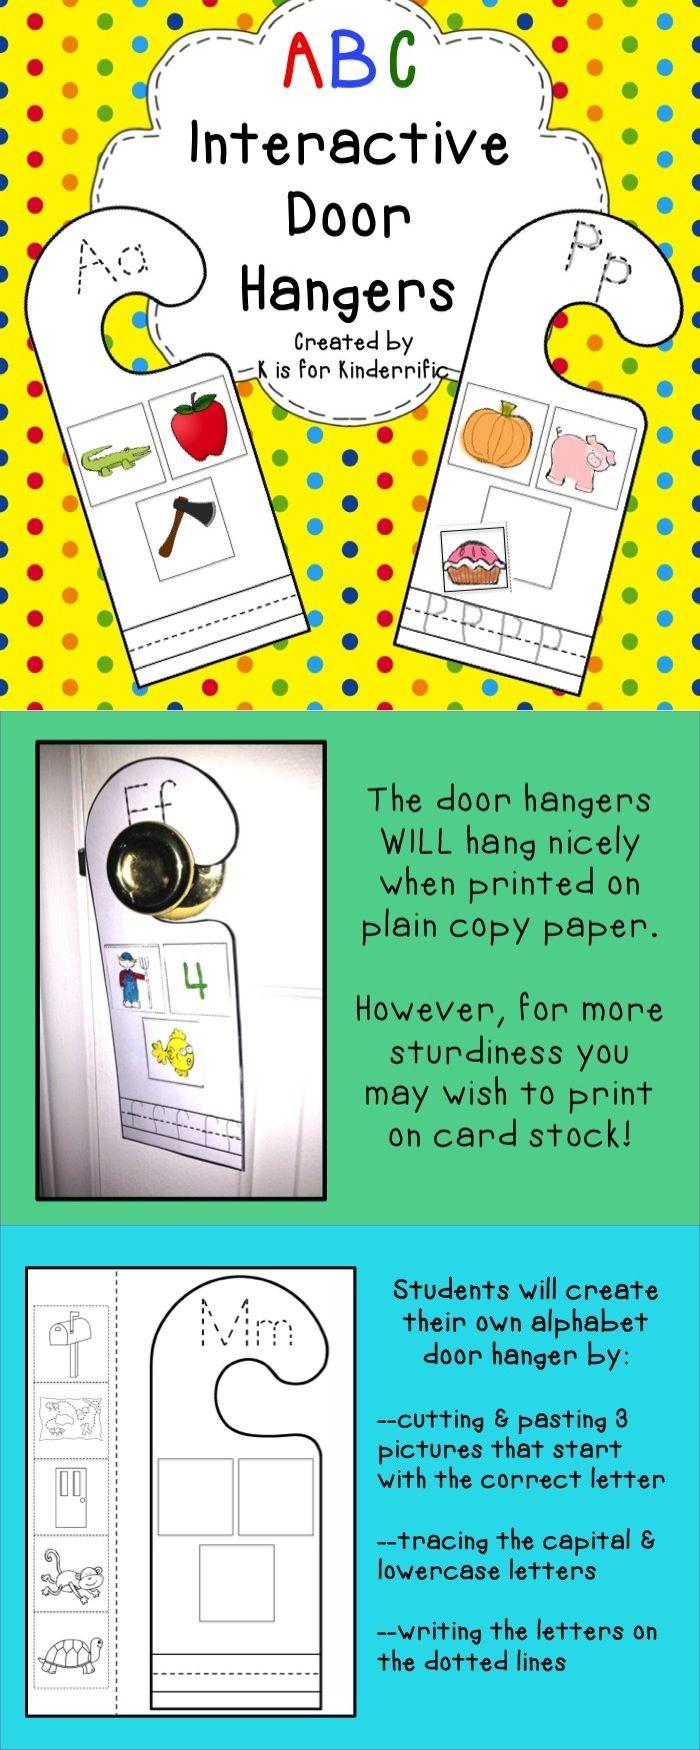 ABC Interactive Door Hangers | Hanger, Students and Doors